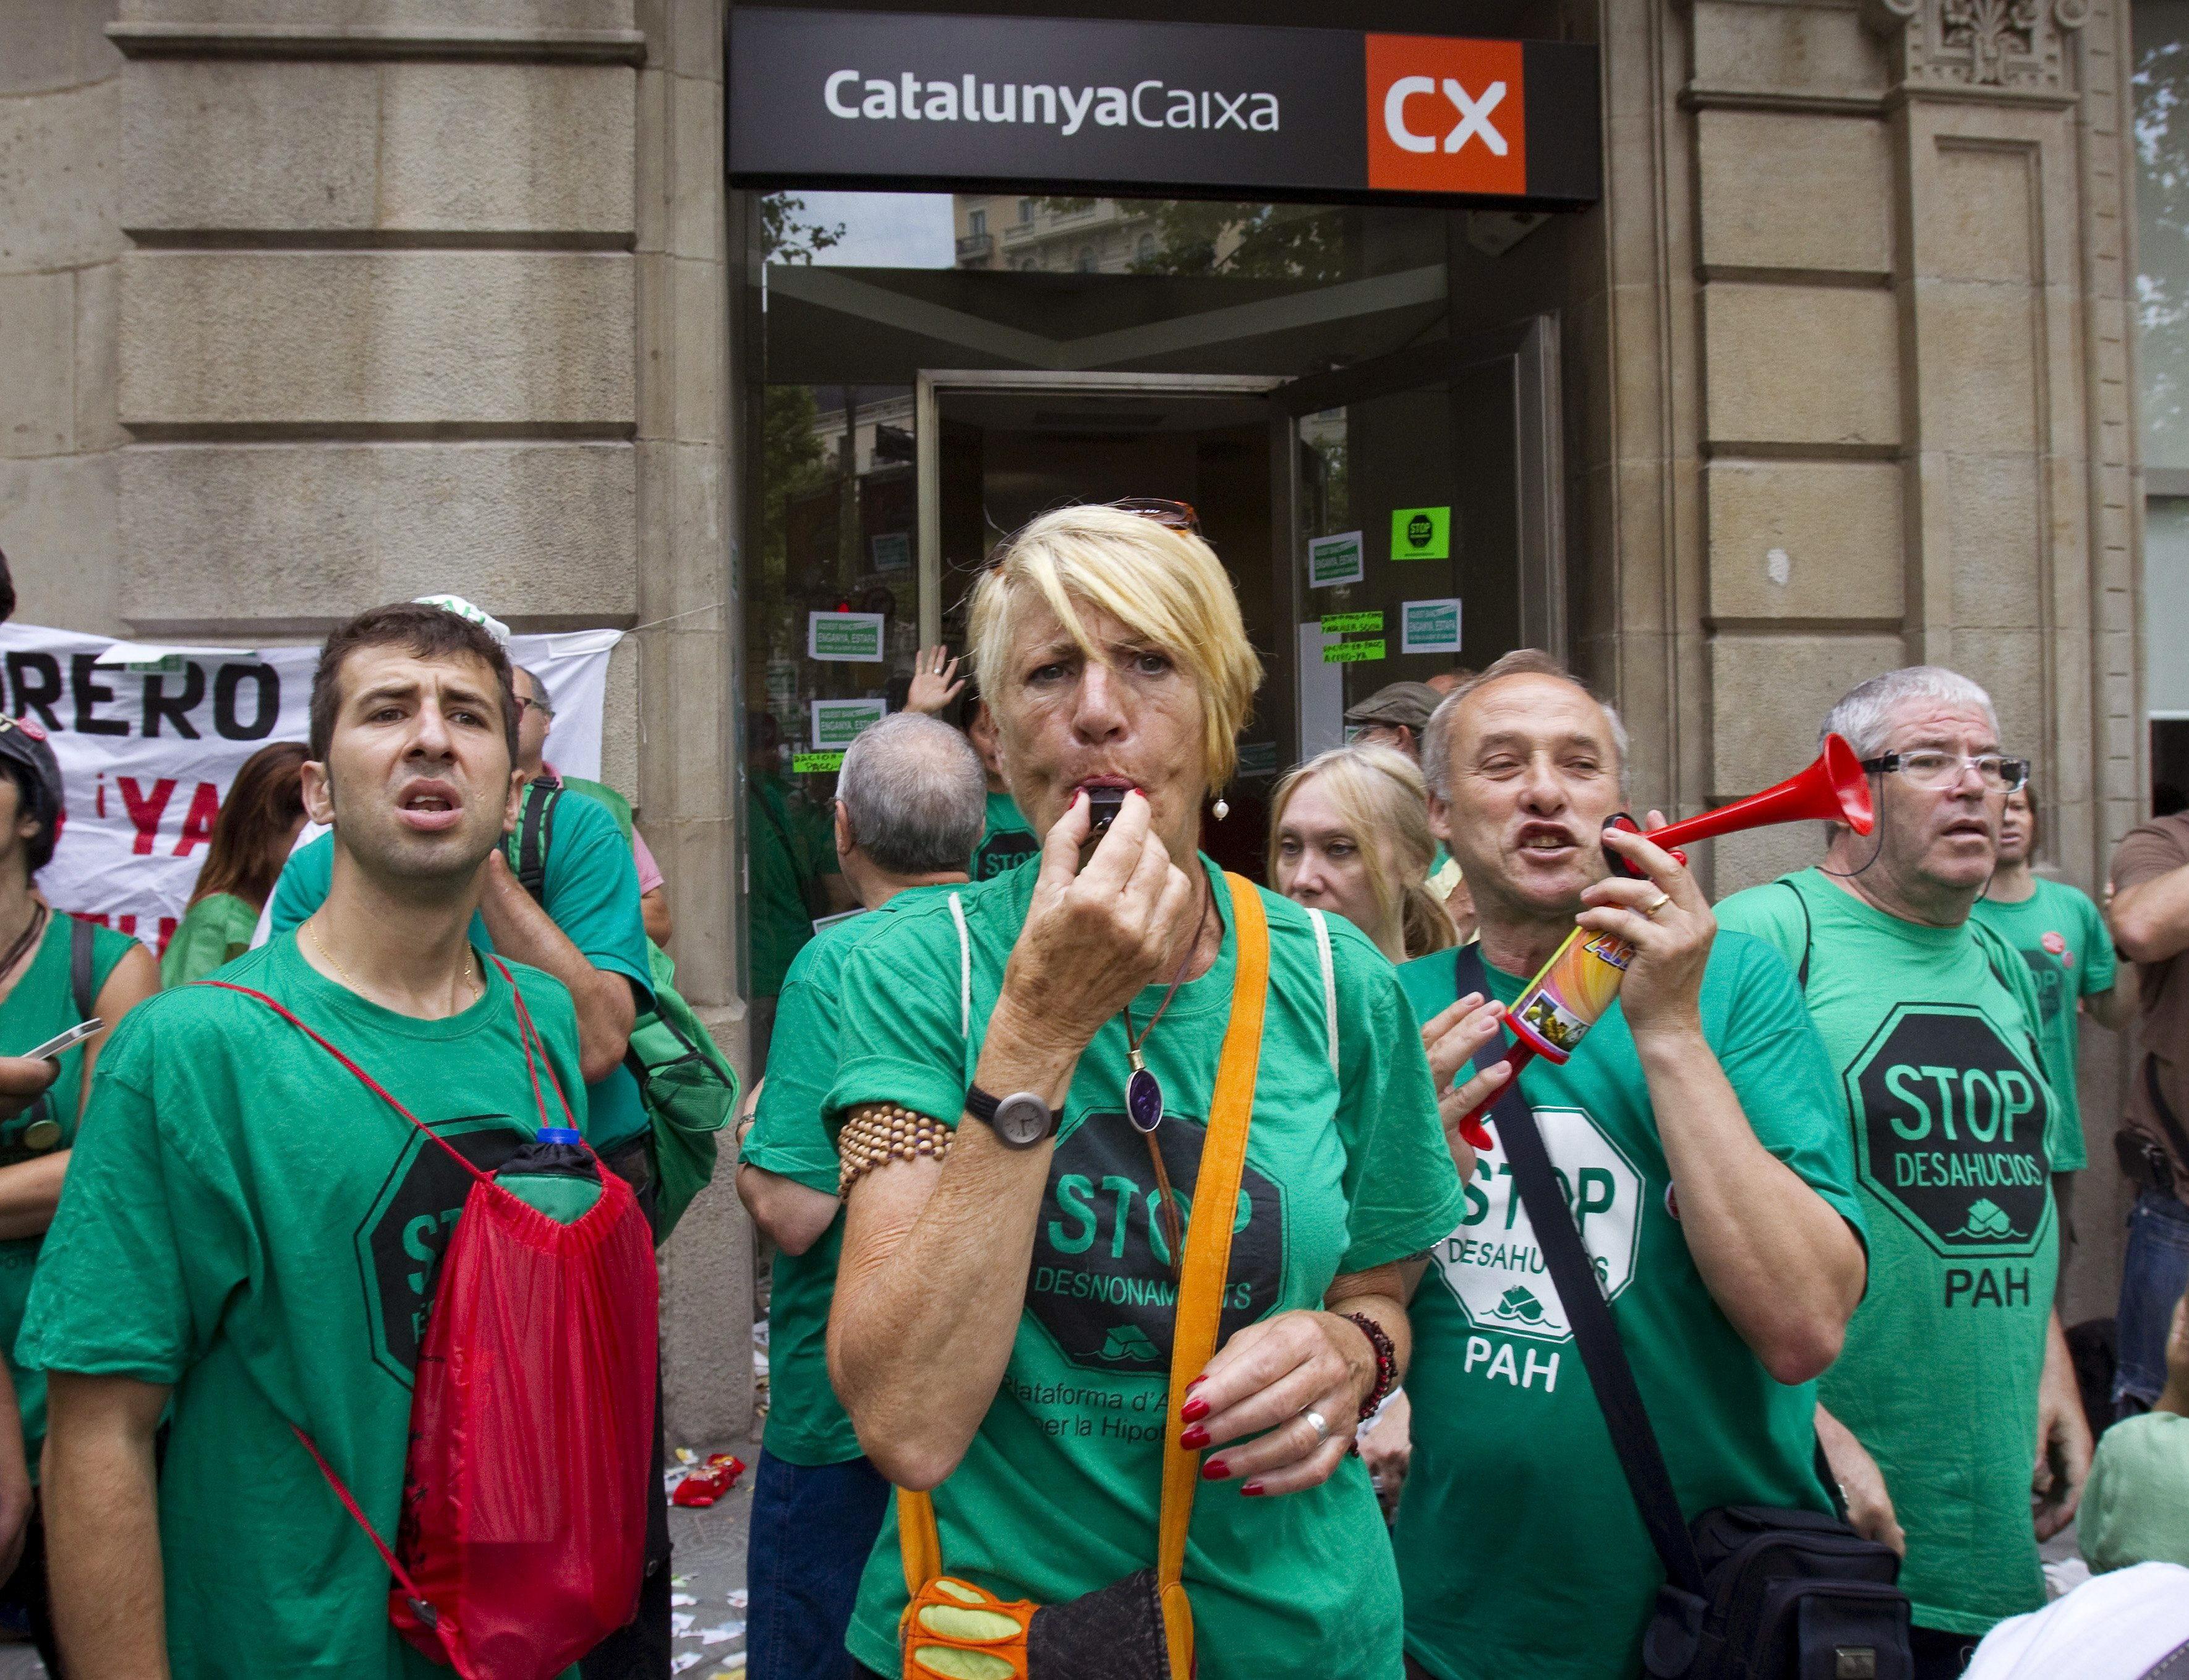 Plataforma de Afectados por la Hipoteca ocupa una sucursal de CatalunyaCaixa